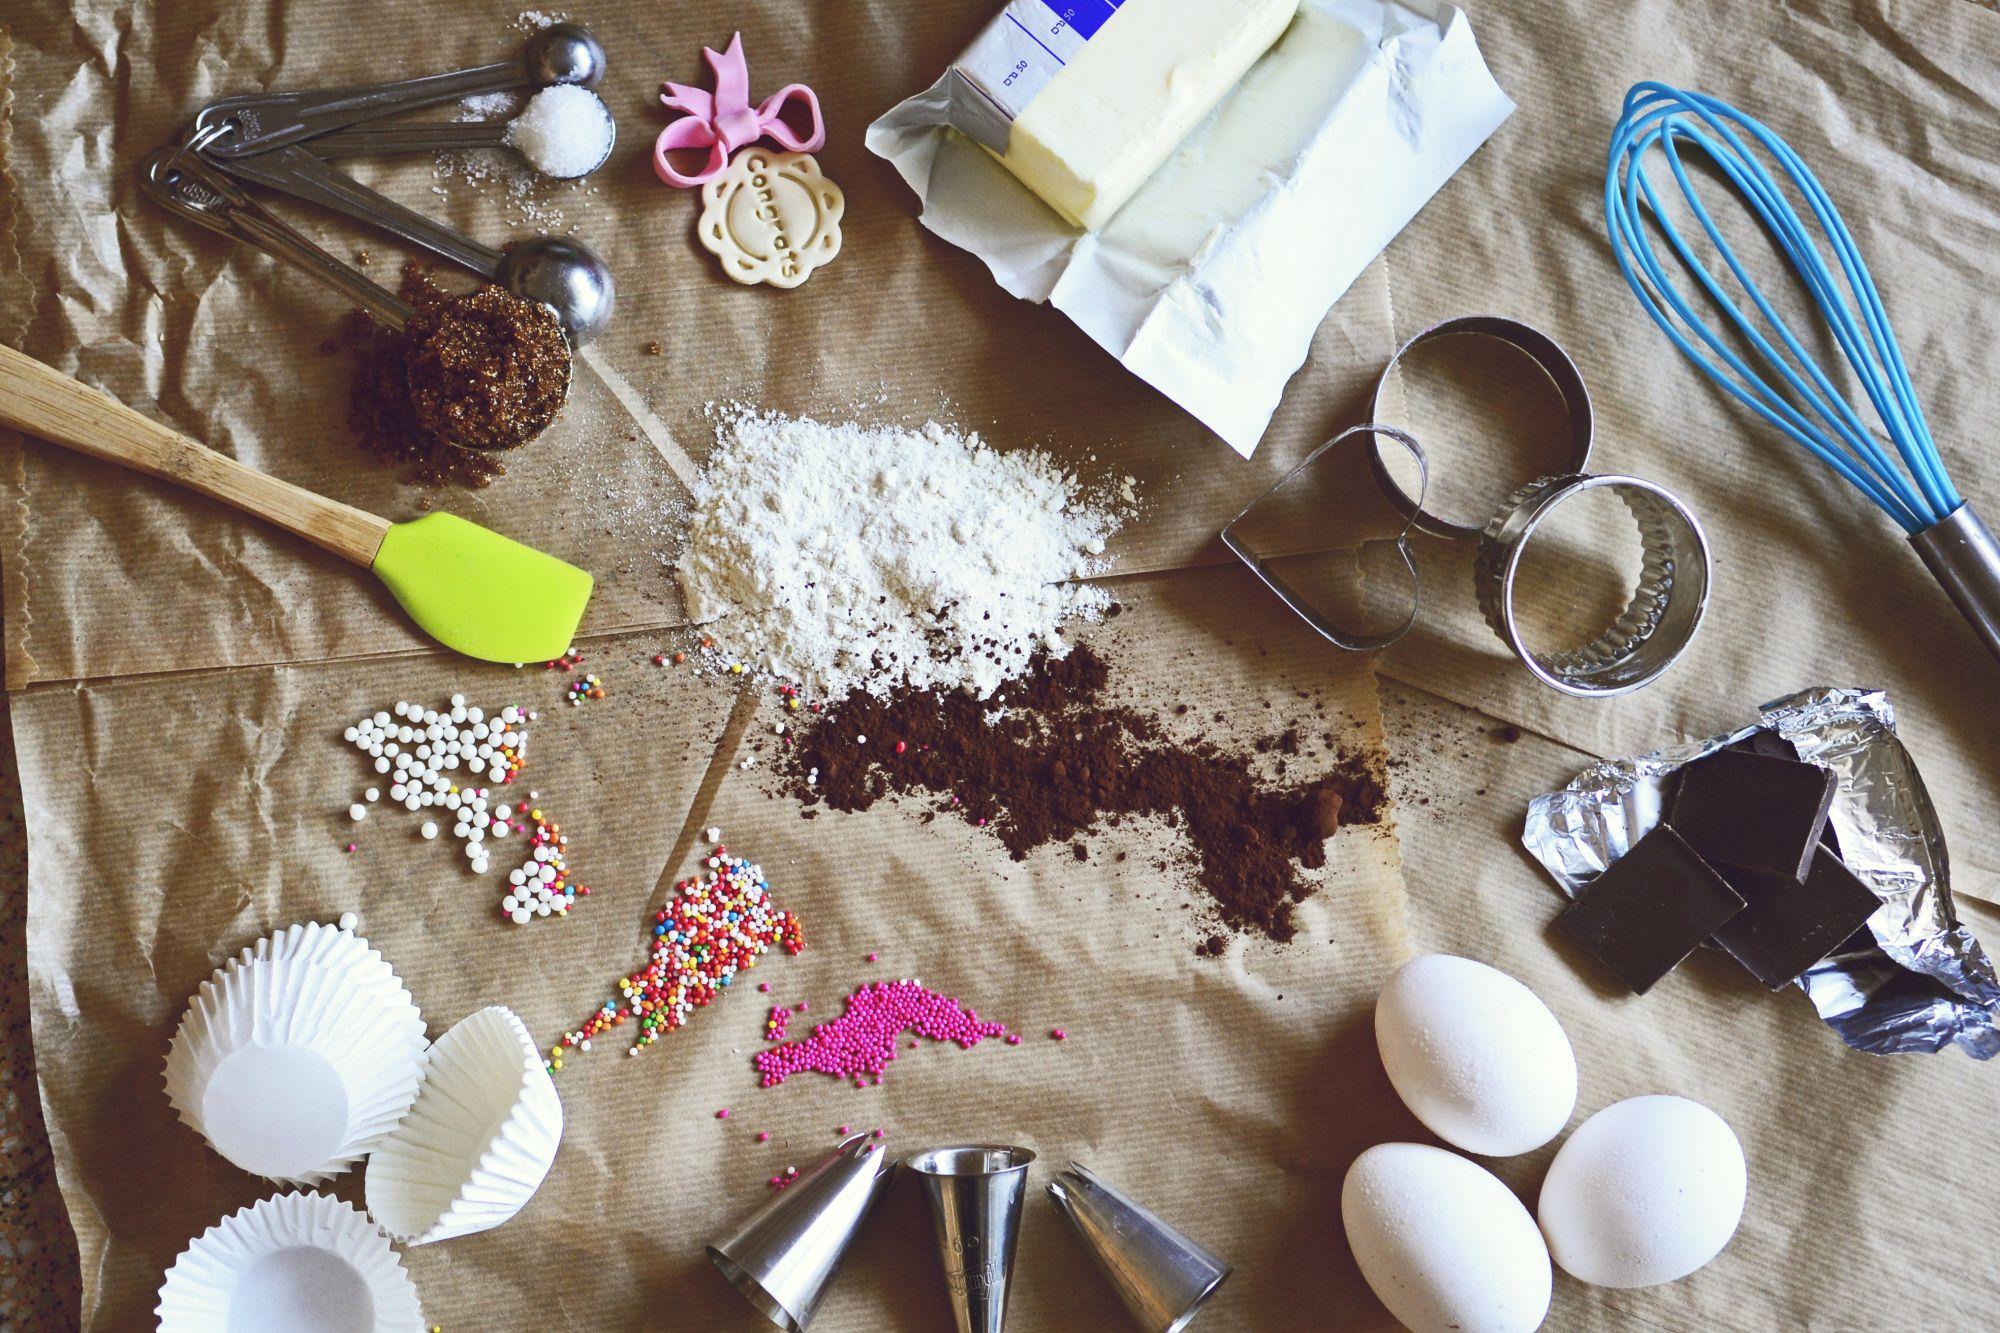 קאפקייקס | סדנאות | עוגות מעוצבות | הזמנה אישית מותאמת